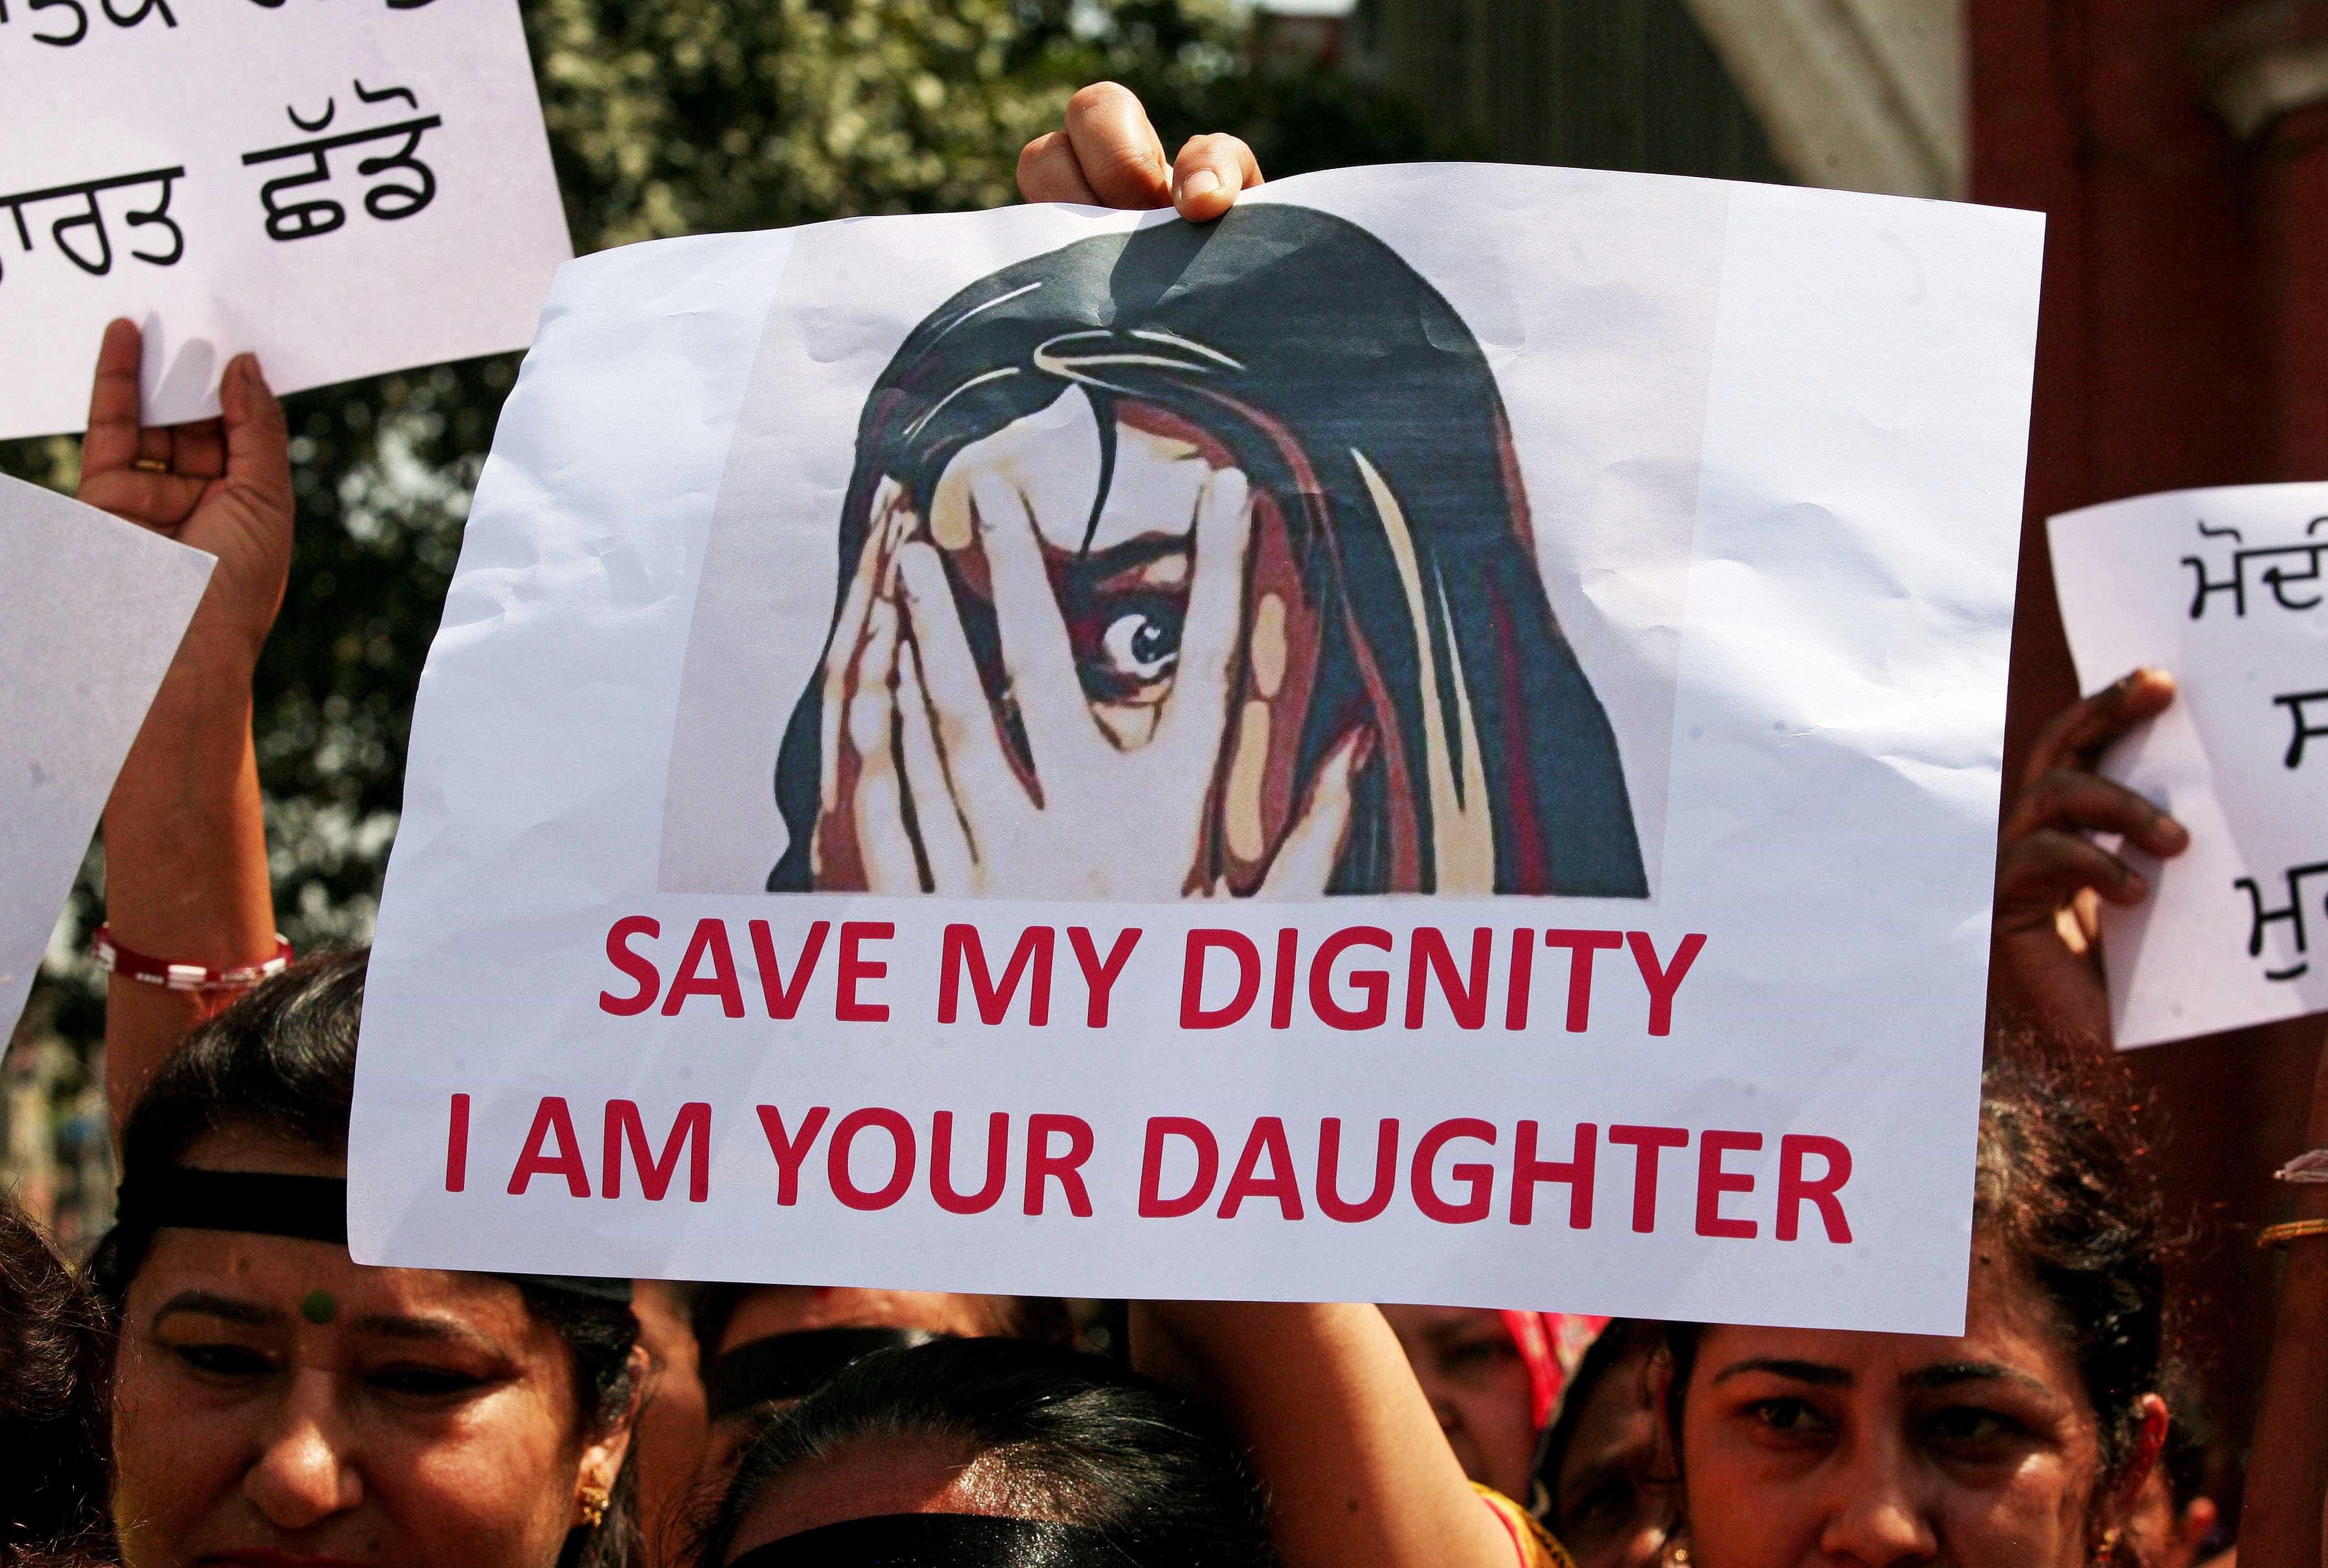 Indiana de 12 anos é estuprada durante 7 meses por 22 homens